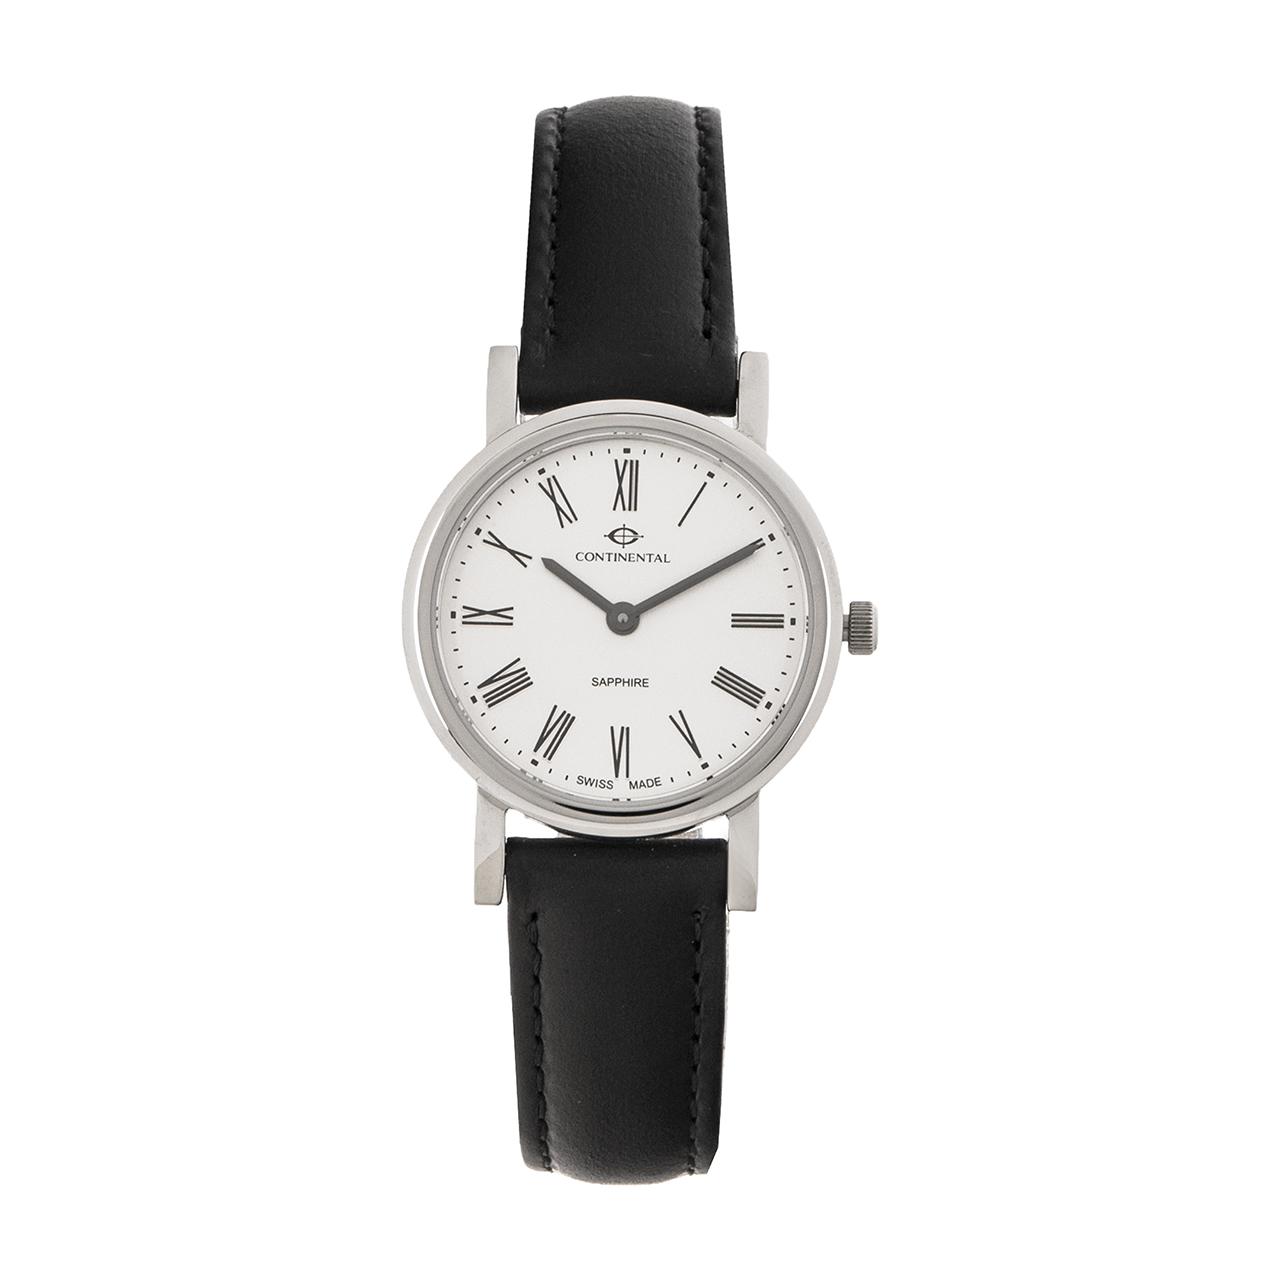 ساعت مچی عقربه ای زنانه کنتیننتال مدل 17101-S257R 14